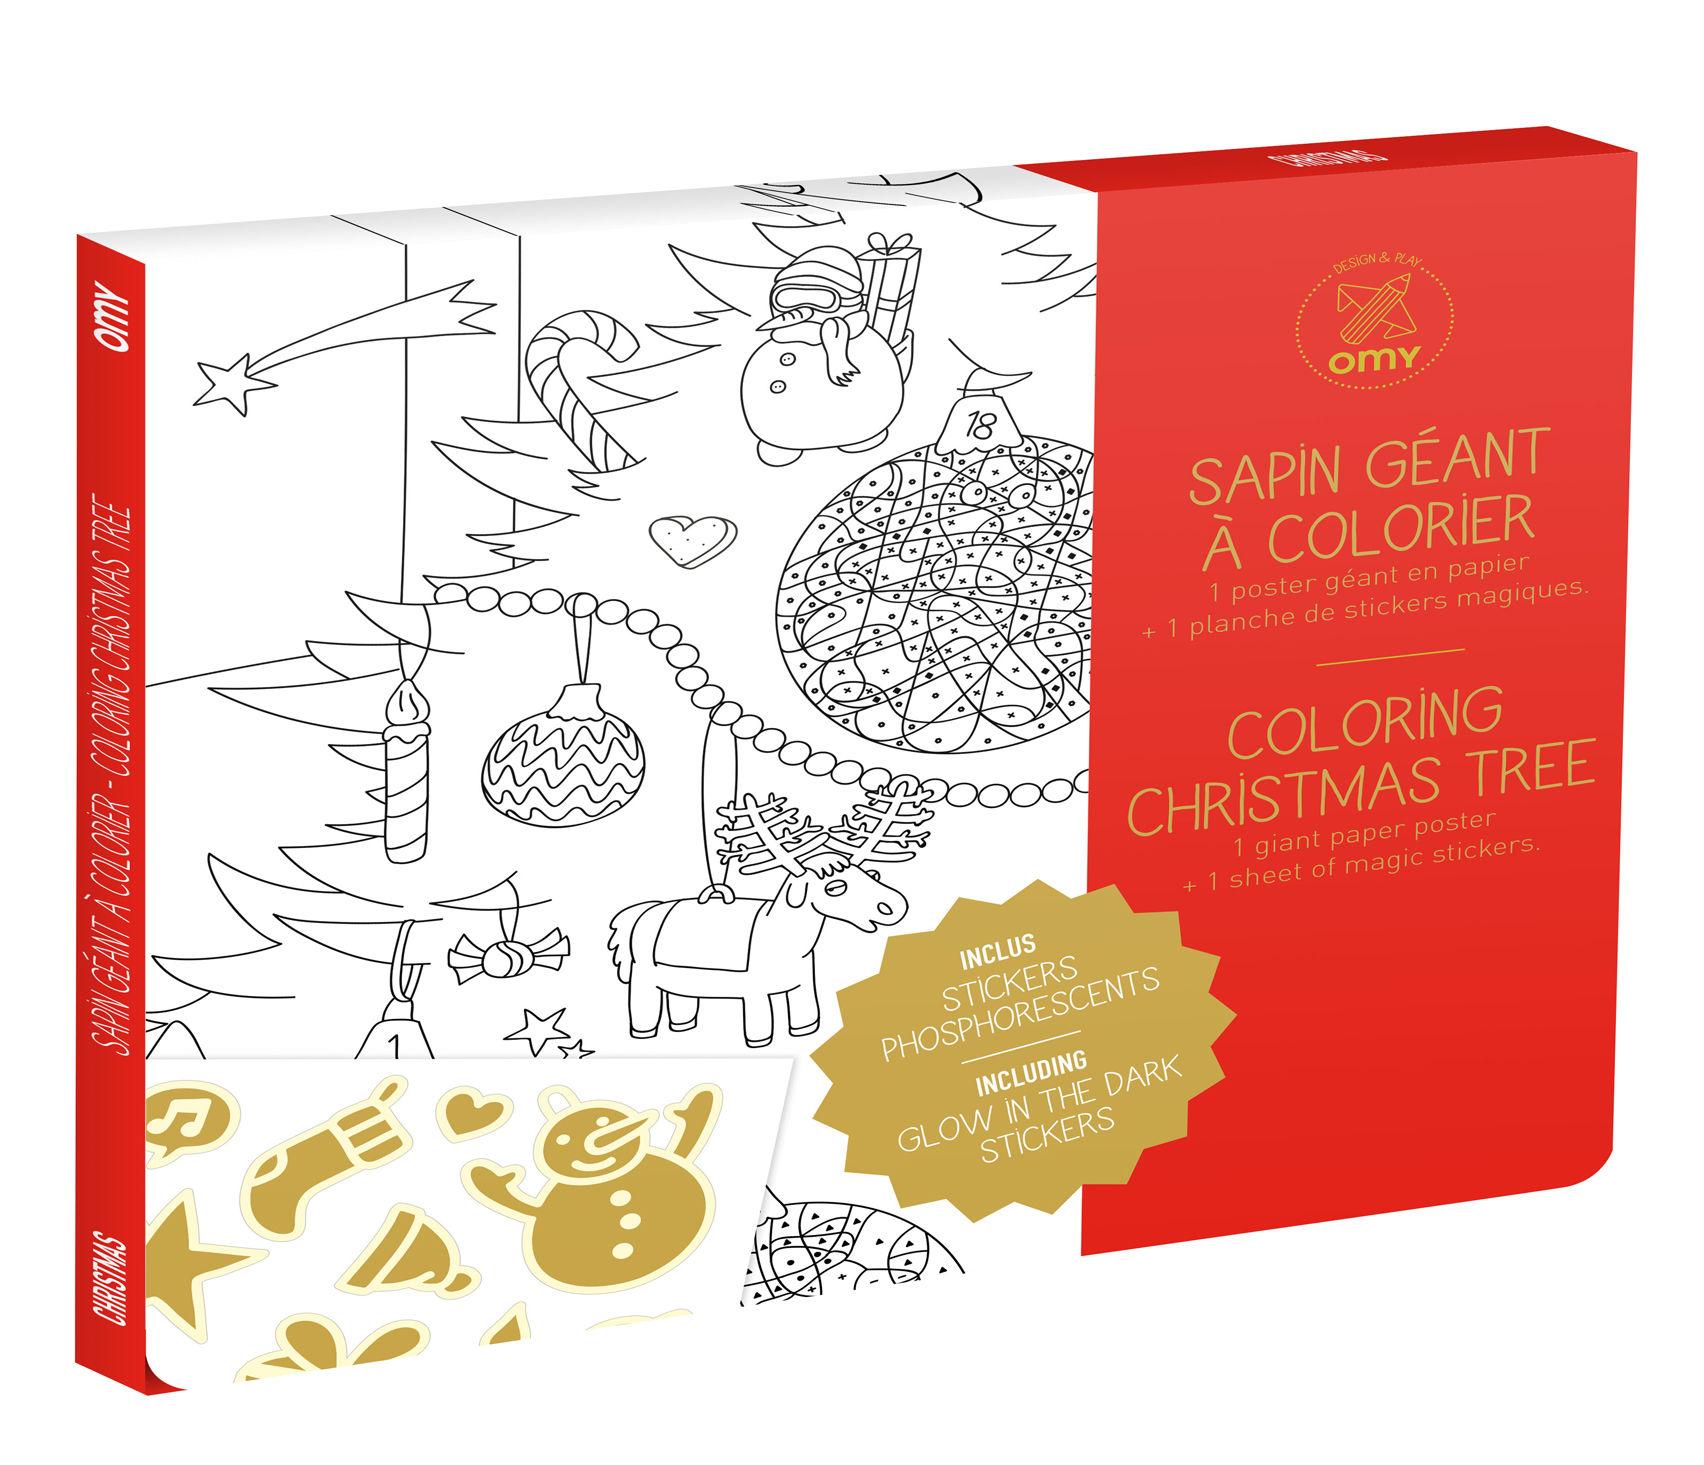 Déco - Pour les enfants - Poster à colorier Sapin géant / 100 x 70 cm - Avec stickers phosphorescents - OMY Design & Play - Sapin géant - Papier recyclé